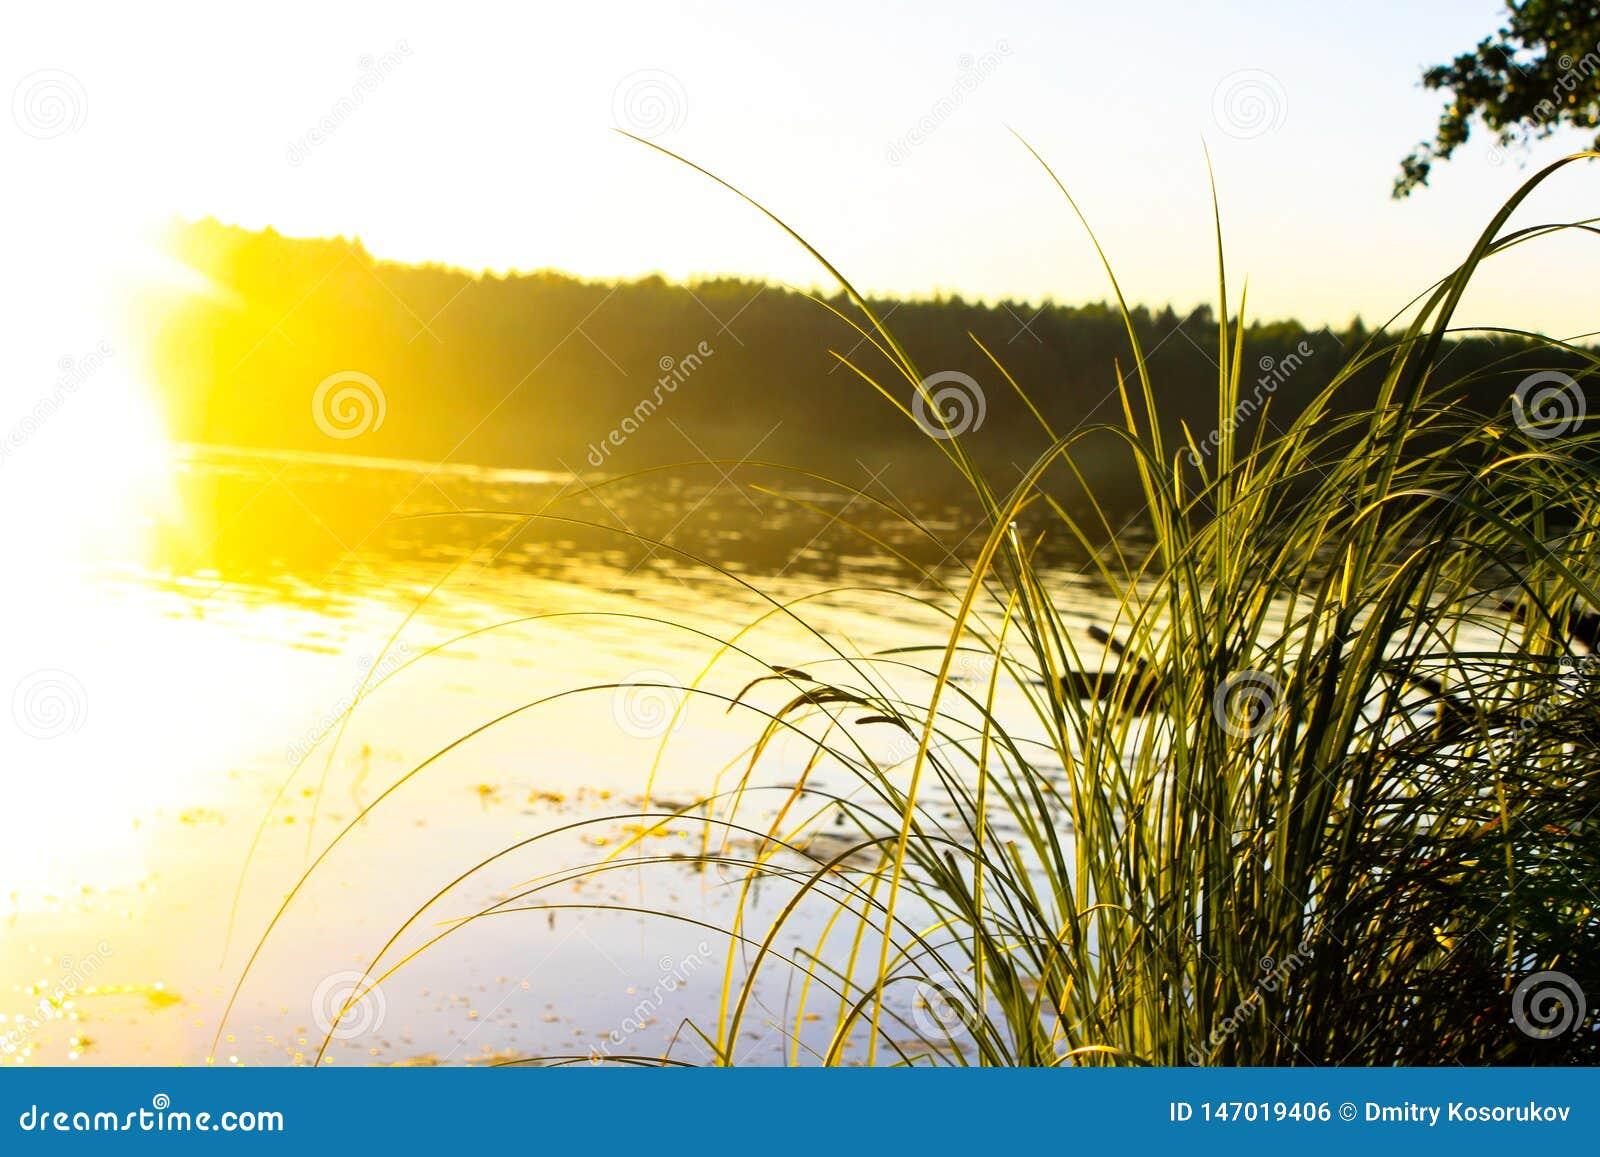 Hierba cerca del río en la luz del sol